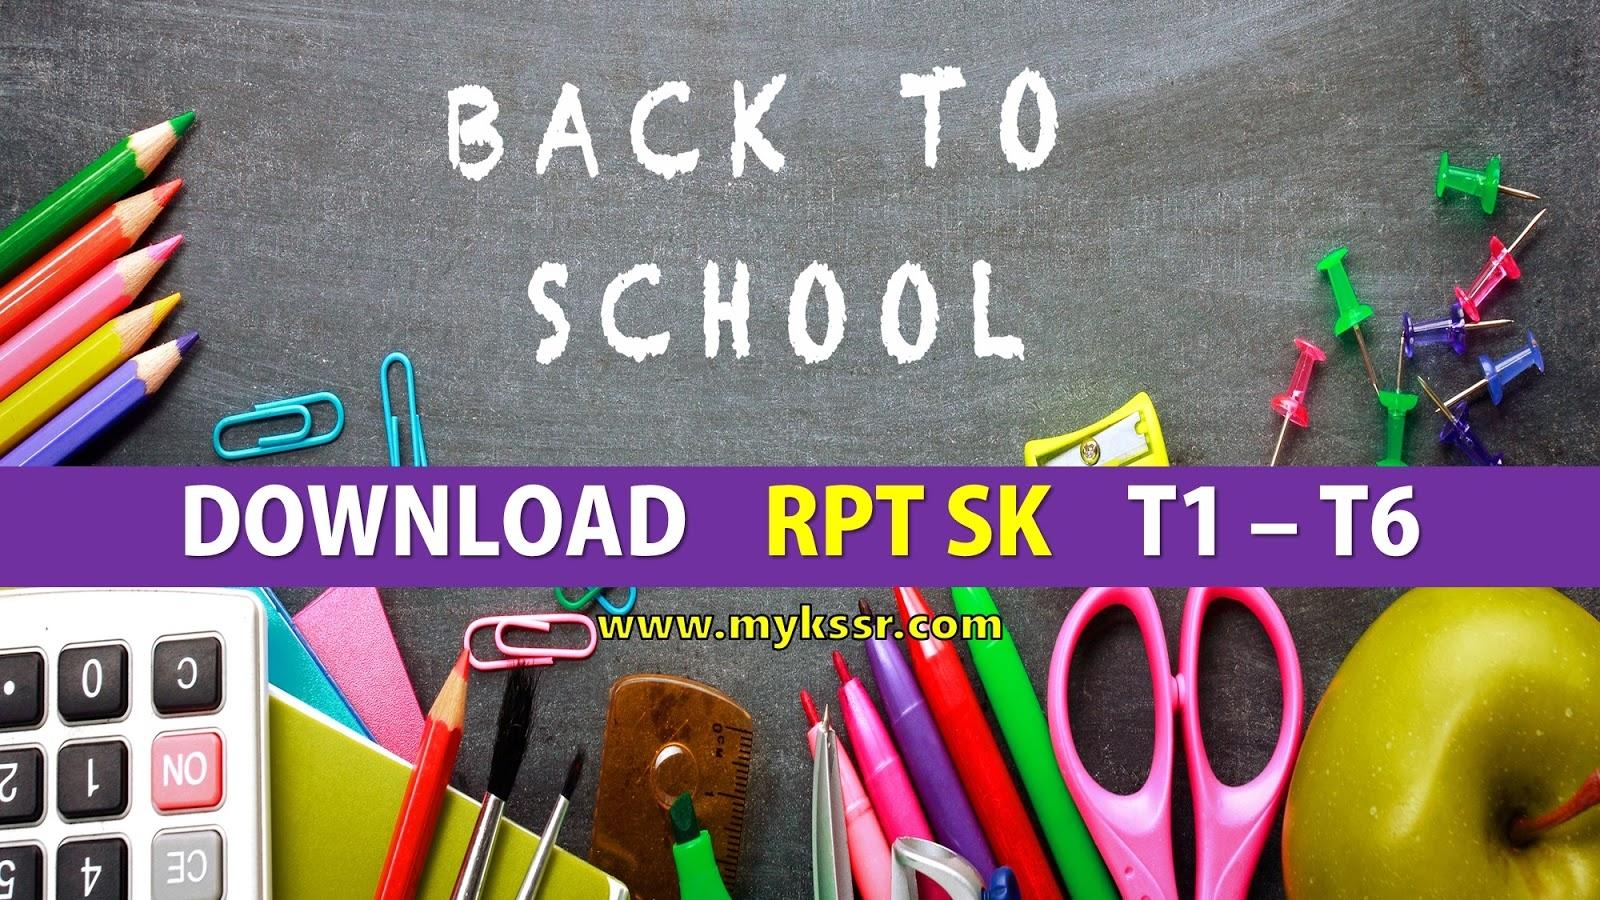 Download Rpt Pendidikan Moral Tahun 6 Berguna Rpt Sk Tahun 1 Tahun 6 Kssr Mykssr Com Of Download Rpt Pendidikan Moral Tahun 6 Yang Dapat Di Download Dengan Segera